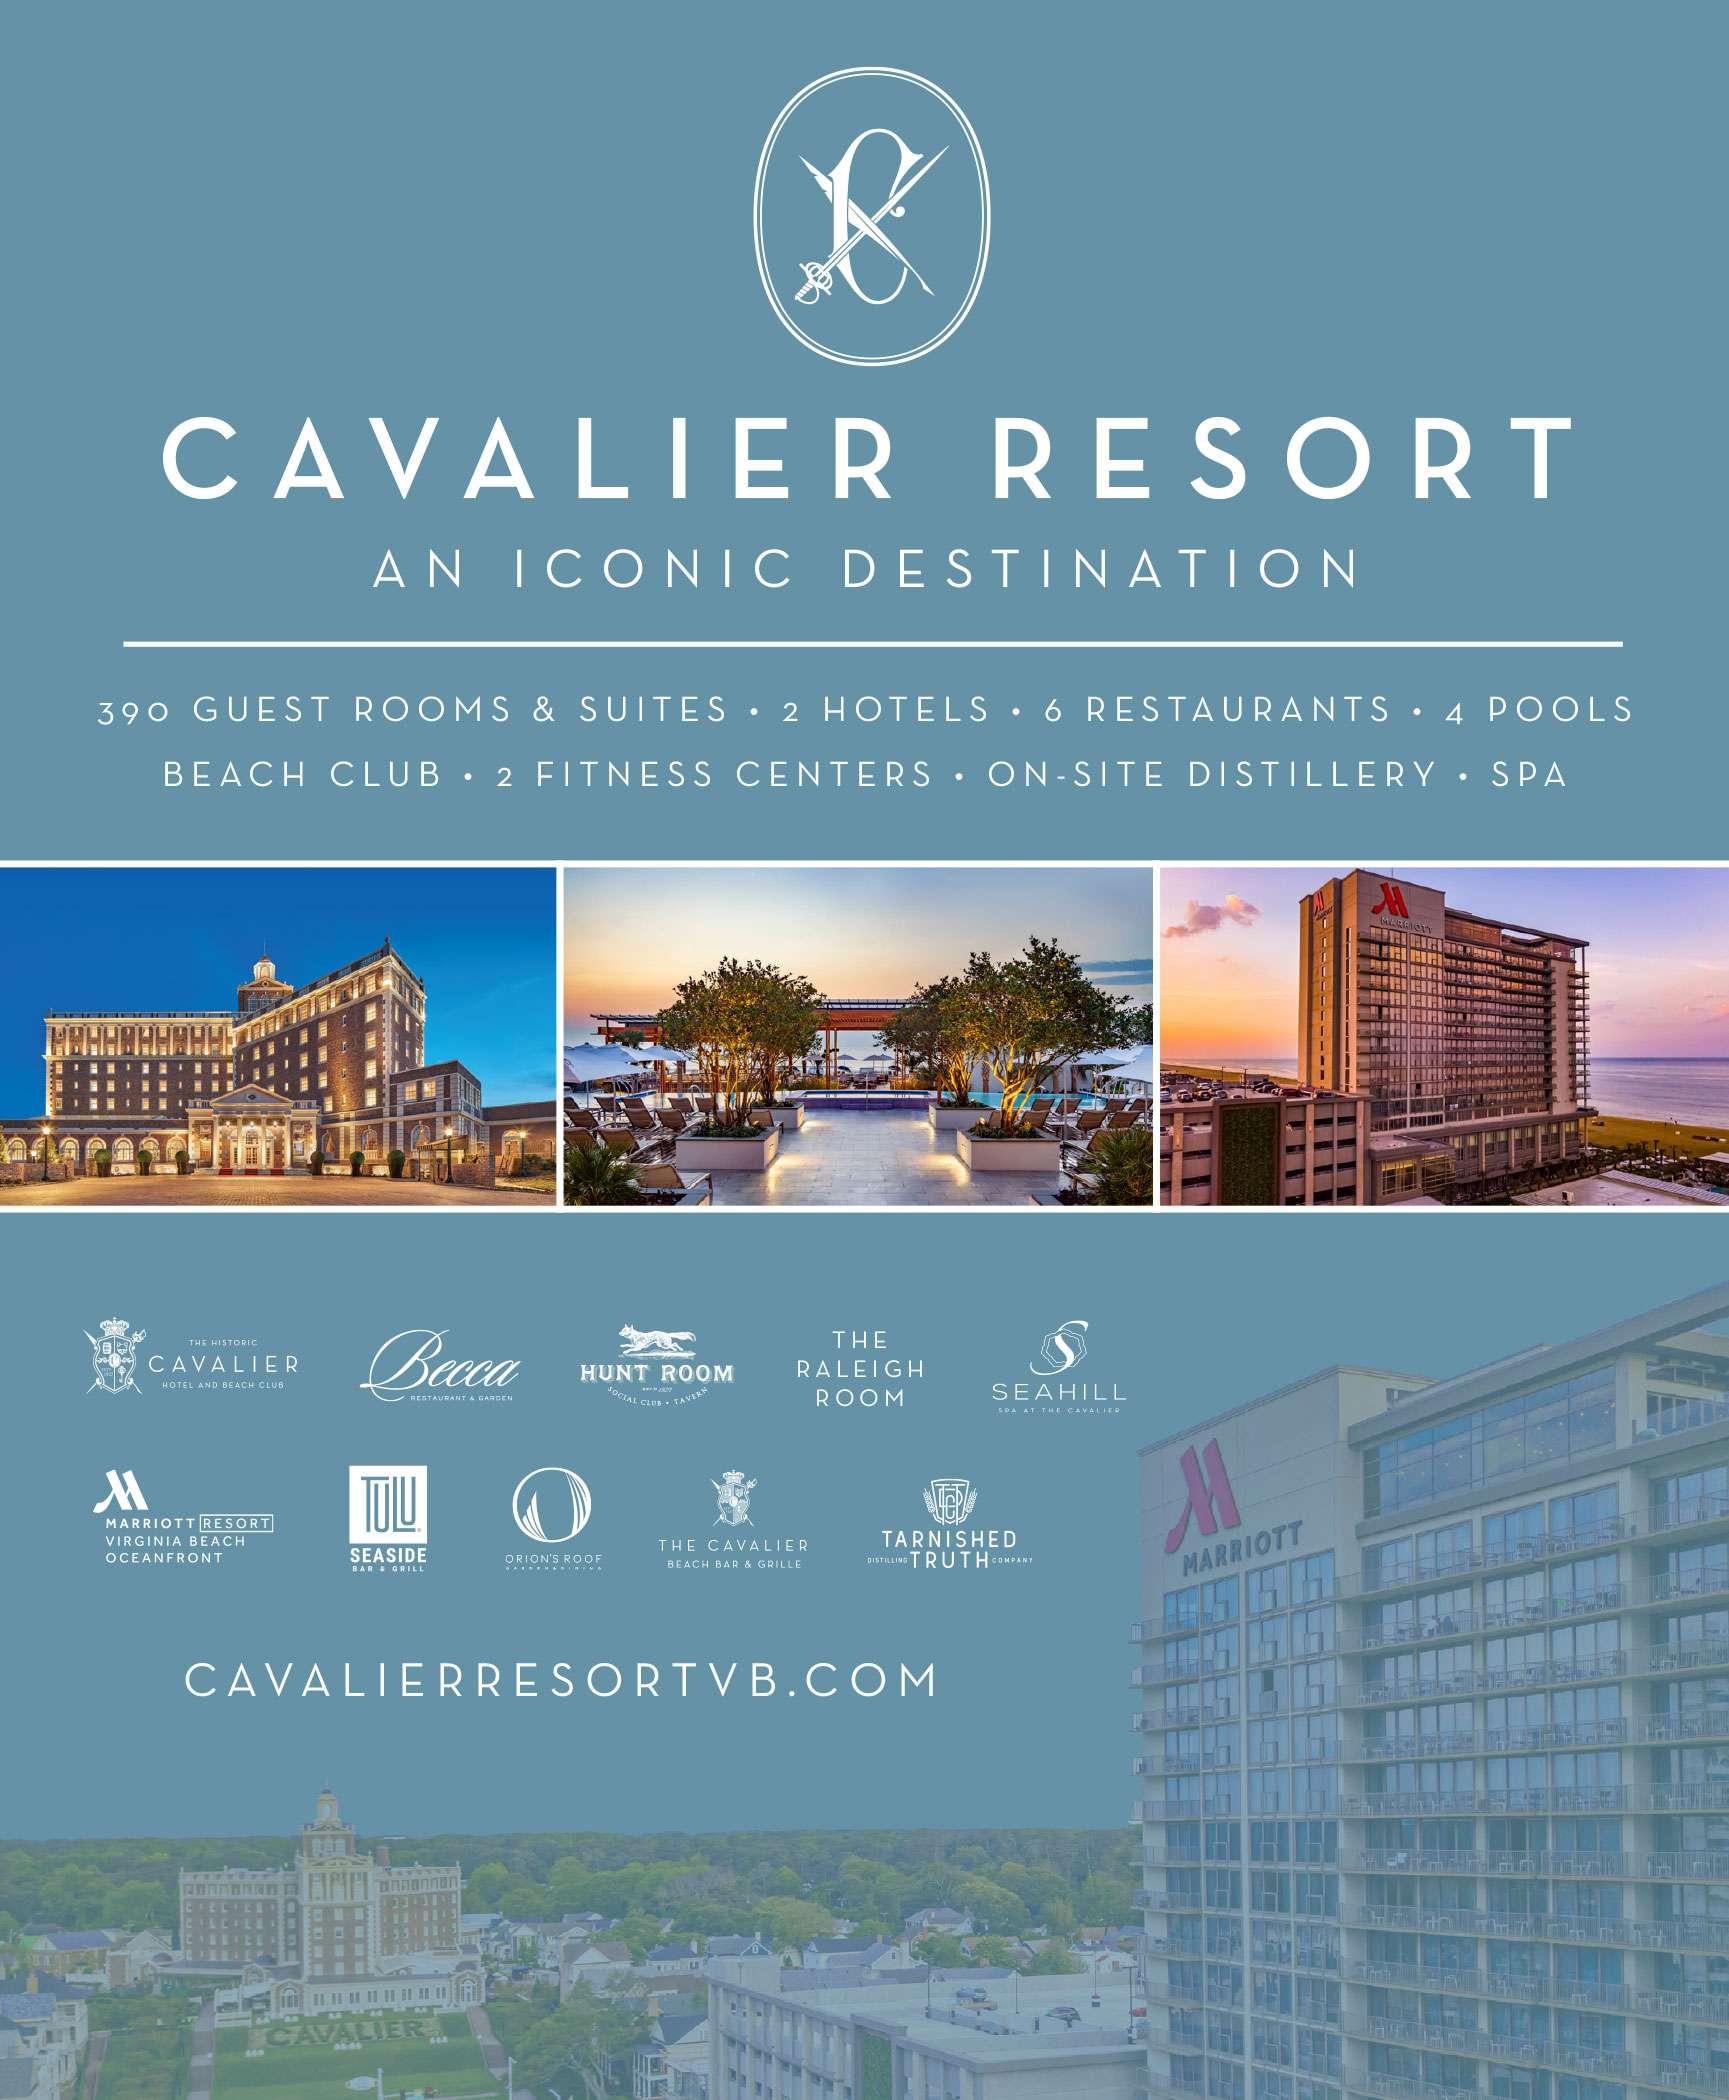 Cavalier Resort